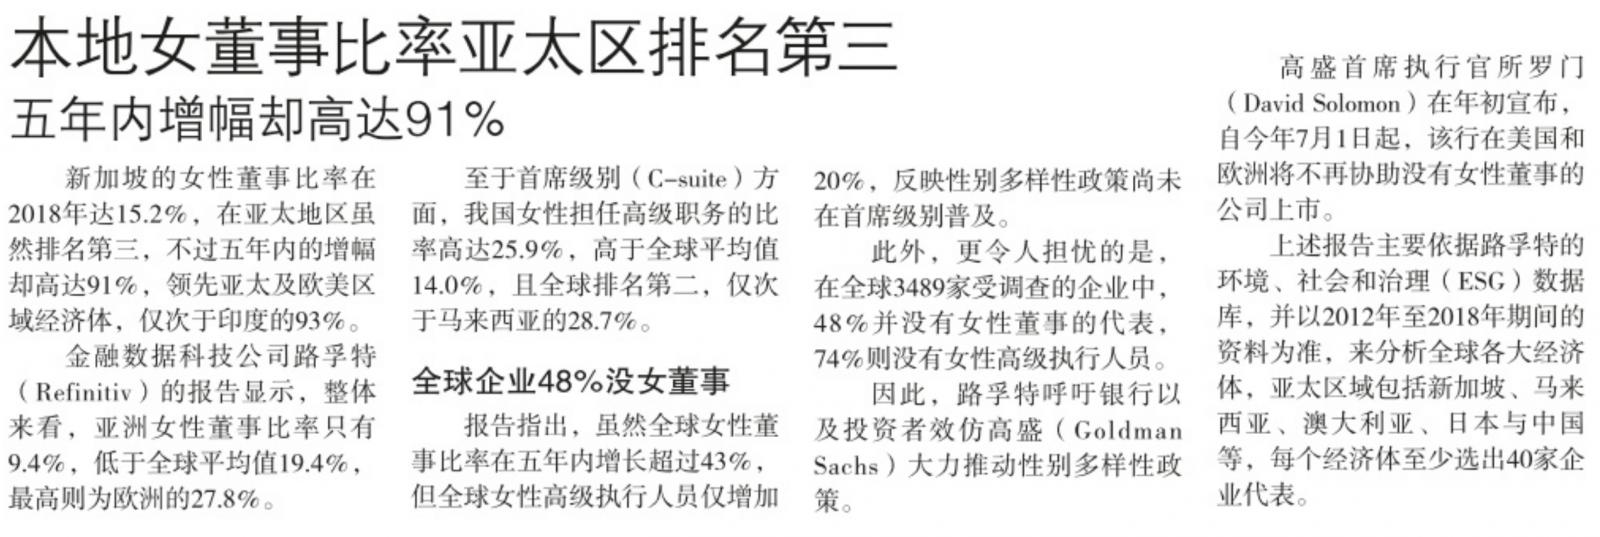 本地女董事比率亚太区排行第三,五年内增幅却高达91%.png